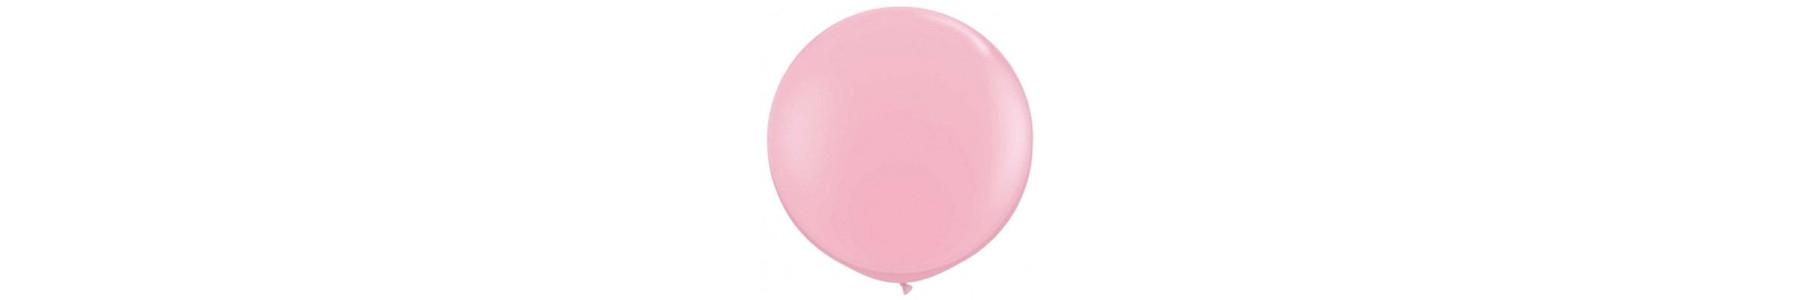 Baloane jumbo si baloane exploder